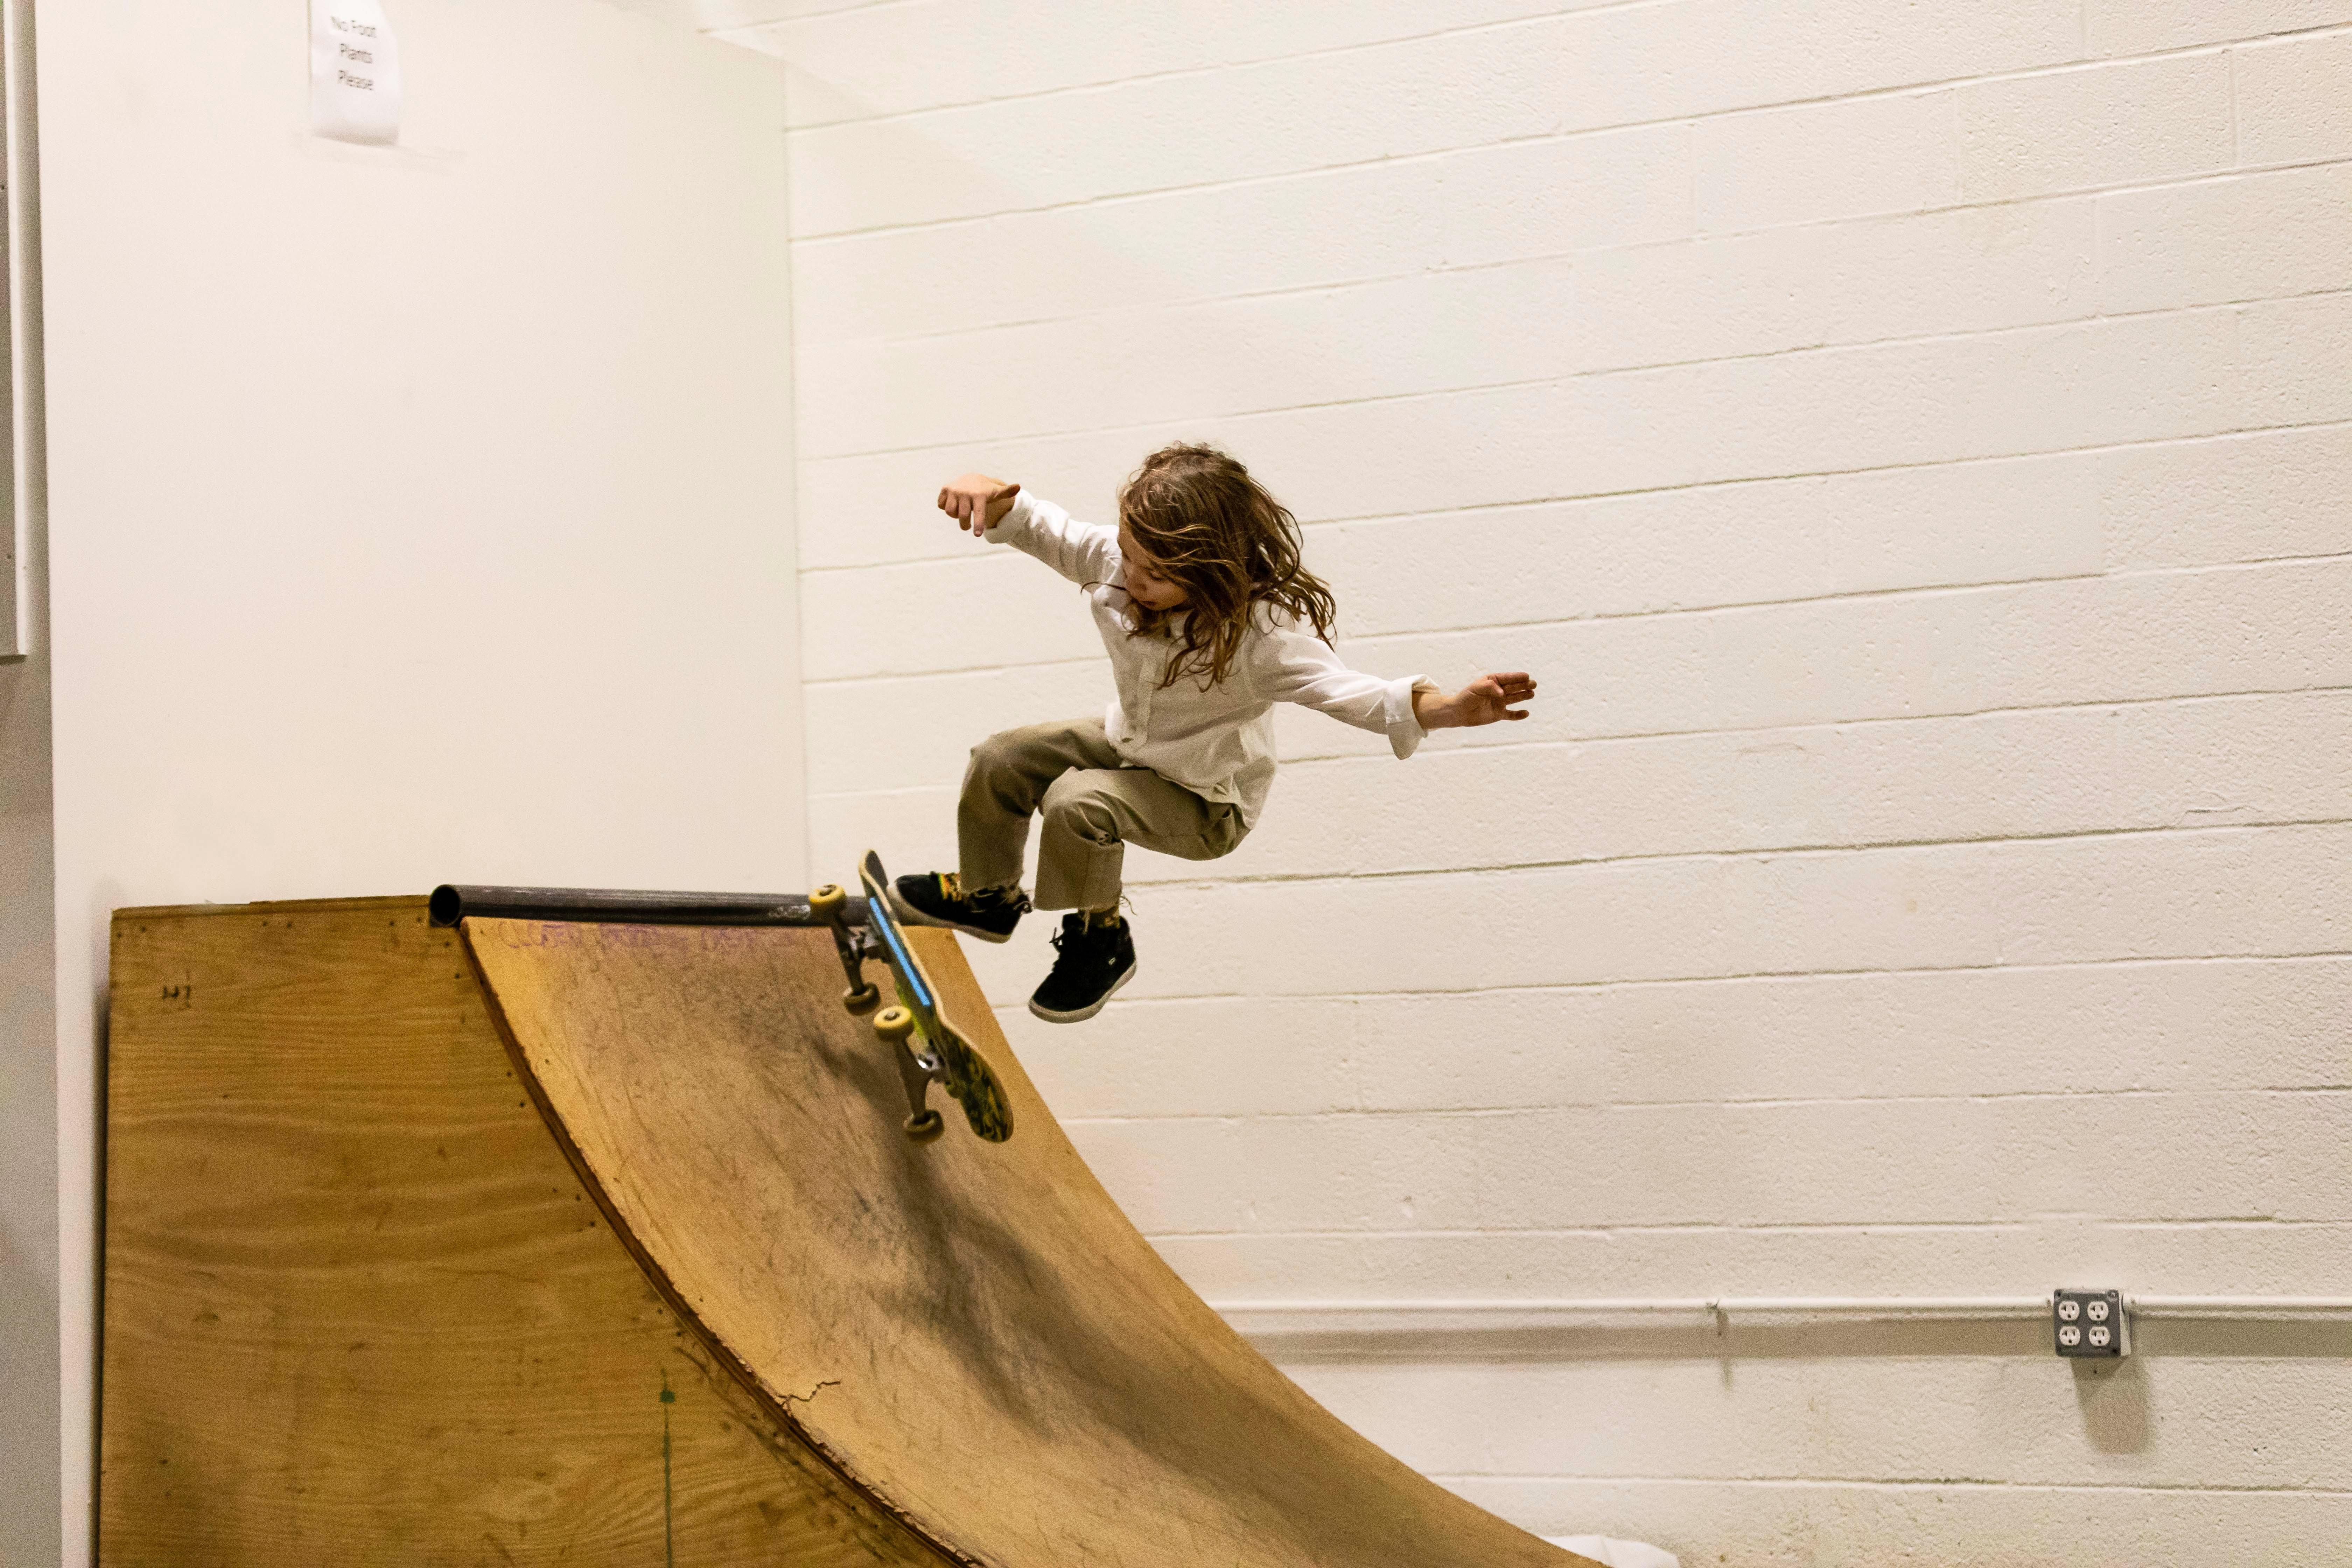 Mit Skateboard in der Halfpipe